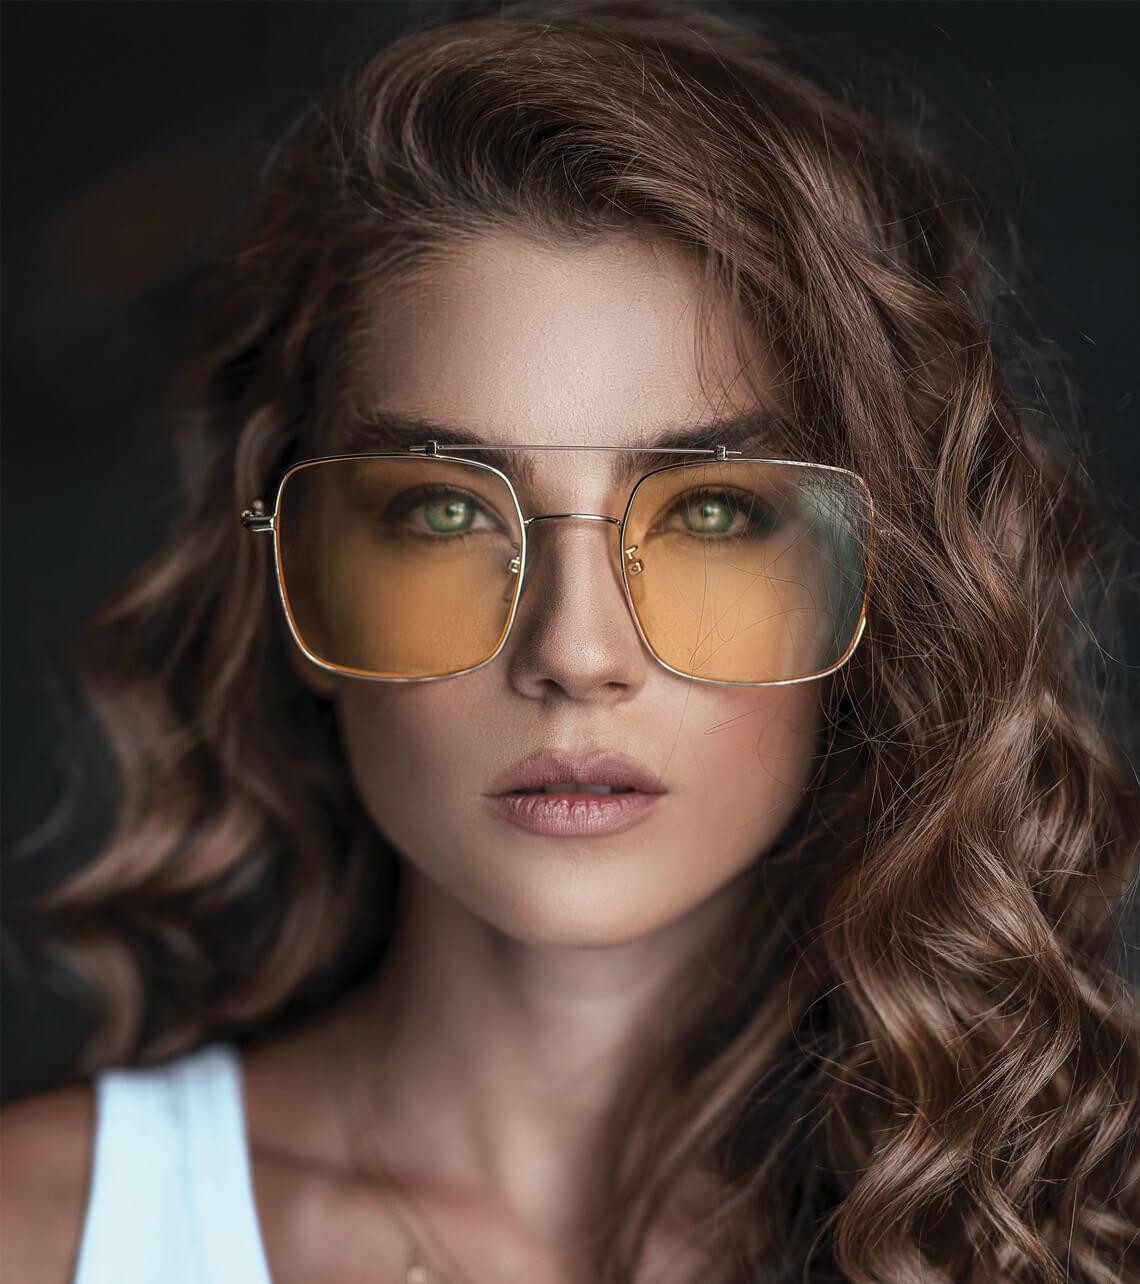 foto di donna che indossa occhiali da vista